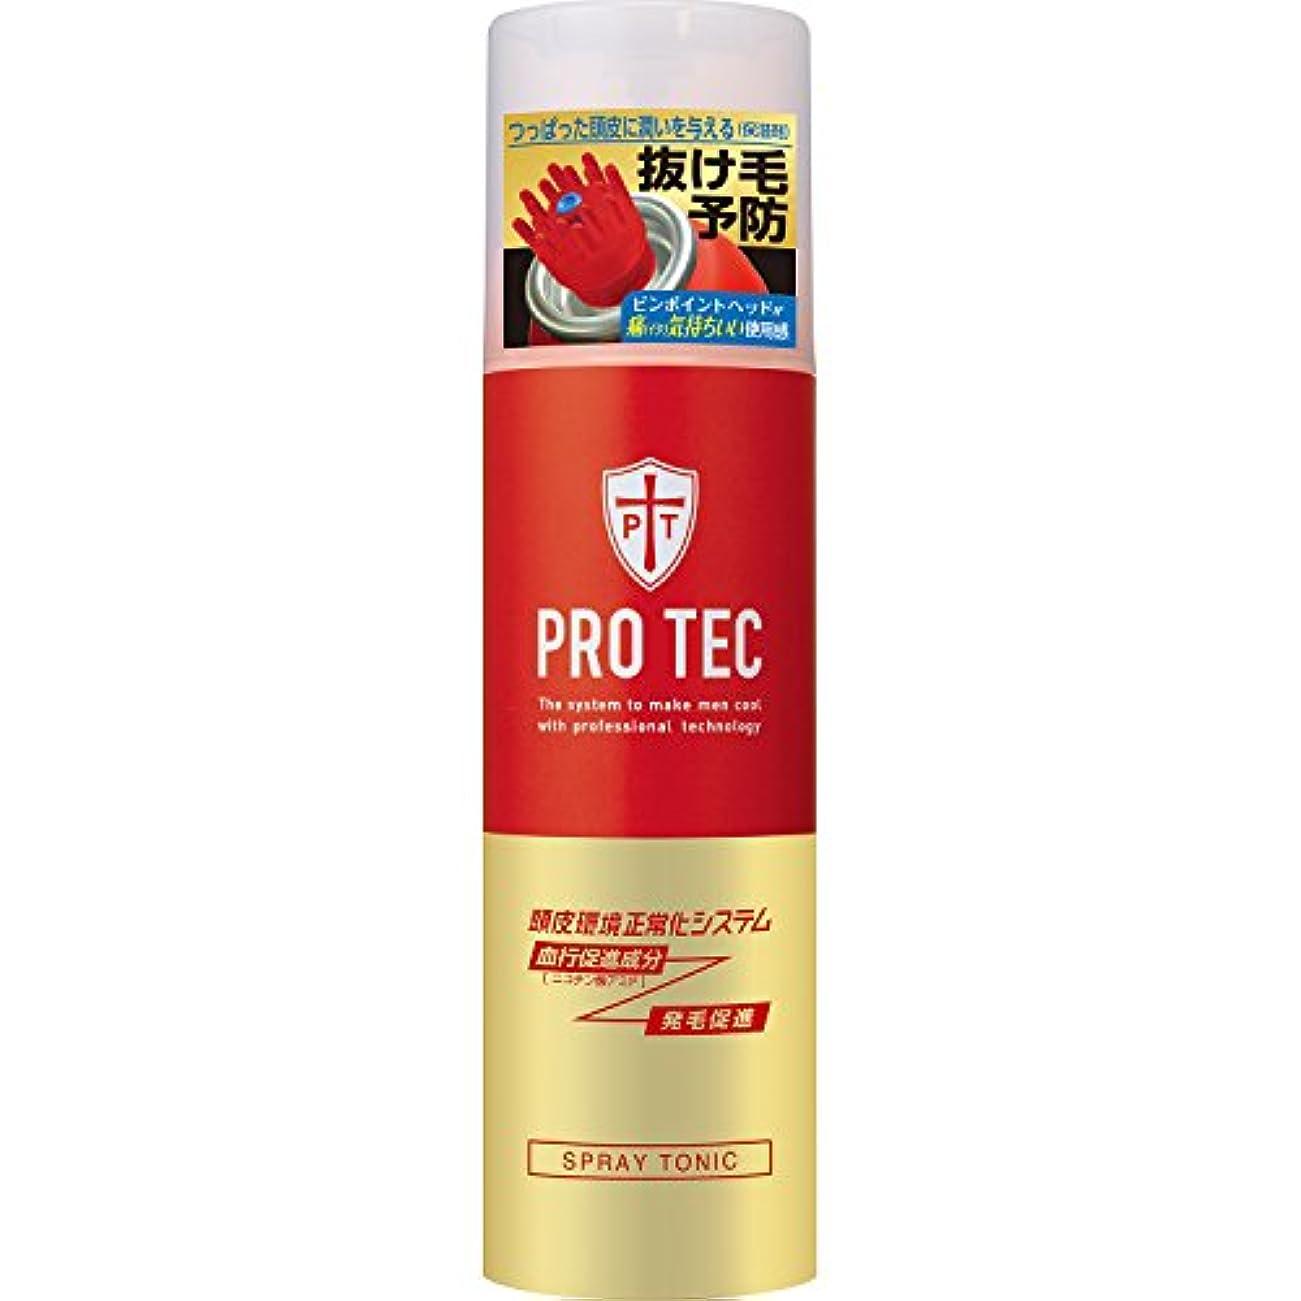 減少サークル松の木PRO TEC(プロテク) スプレートニック 150g(医薬部外品)